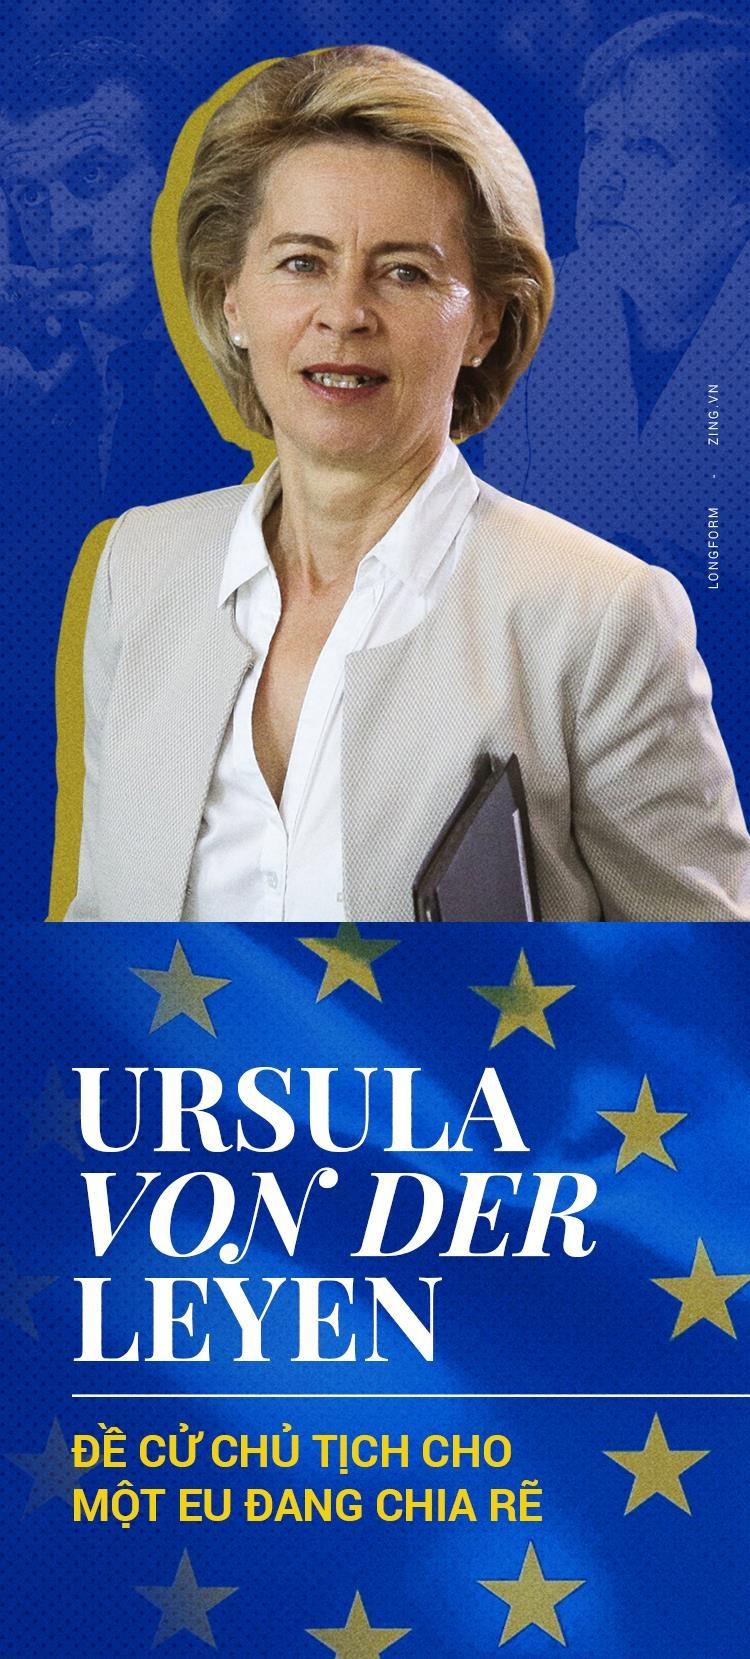 Ursula von der Leyen - 'nu tuong' moi cua mot EU day chia re? hinh anh 1